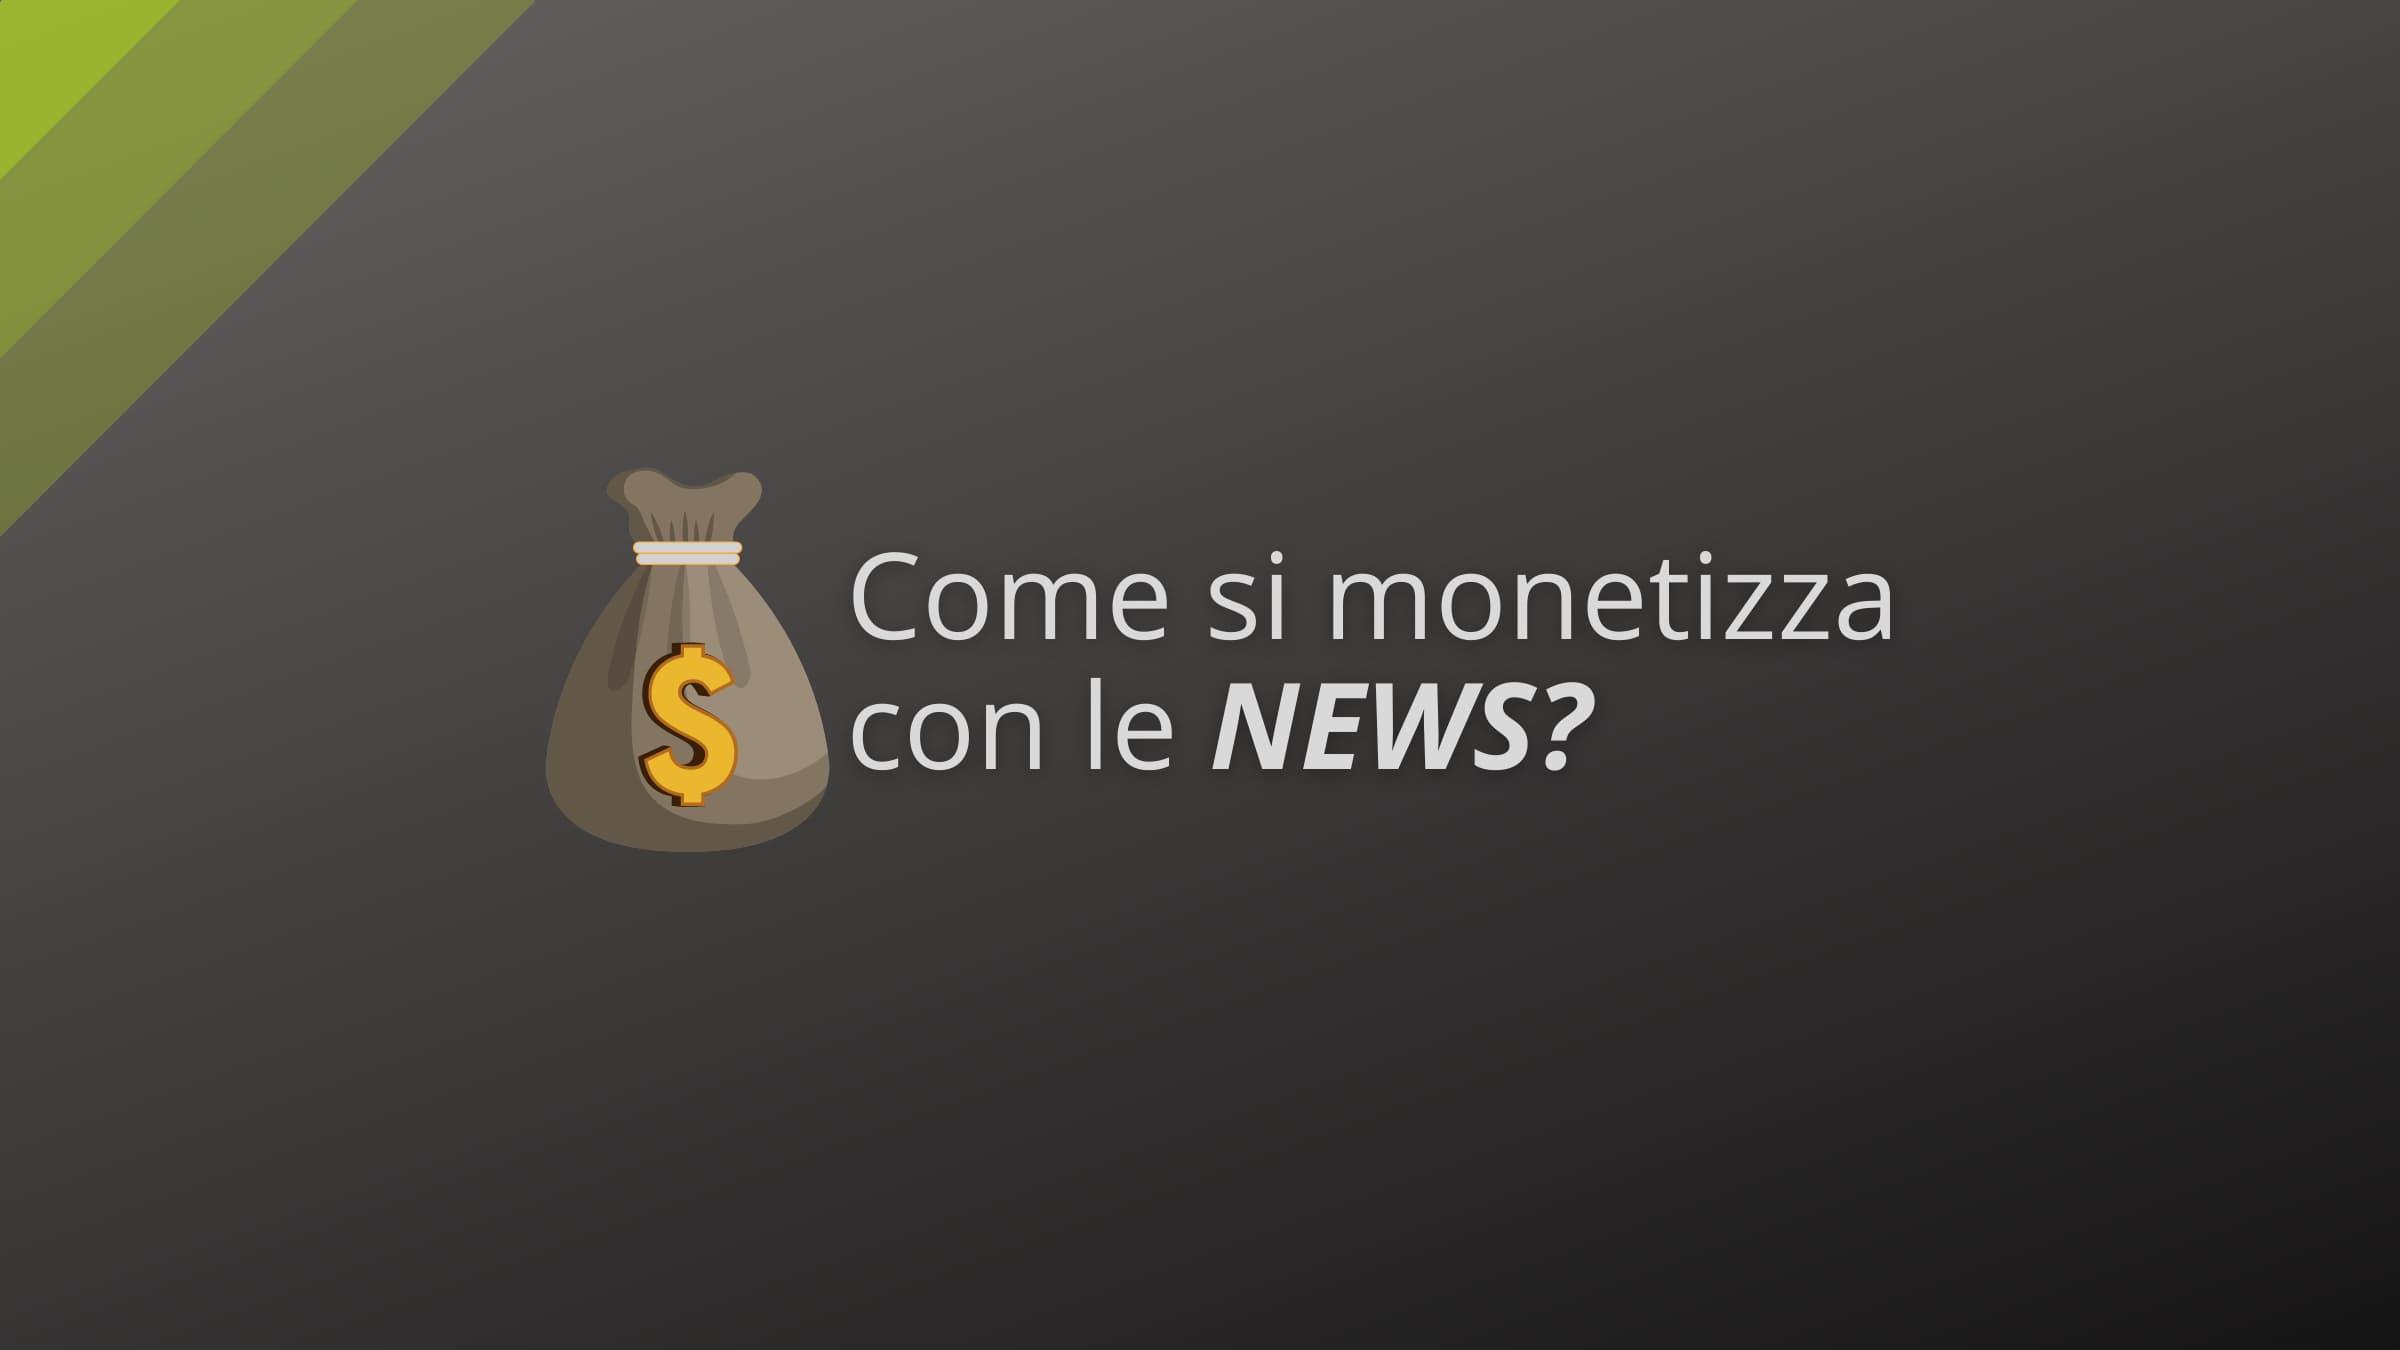 Monetizzare con le news